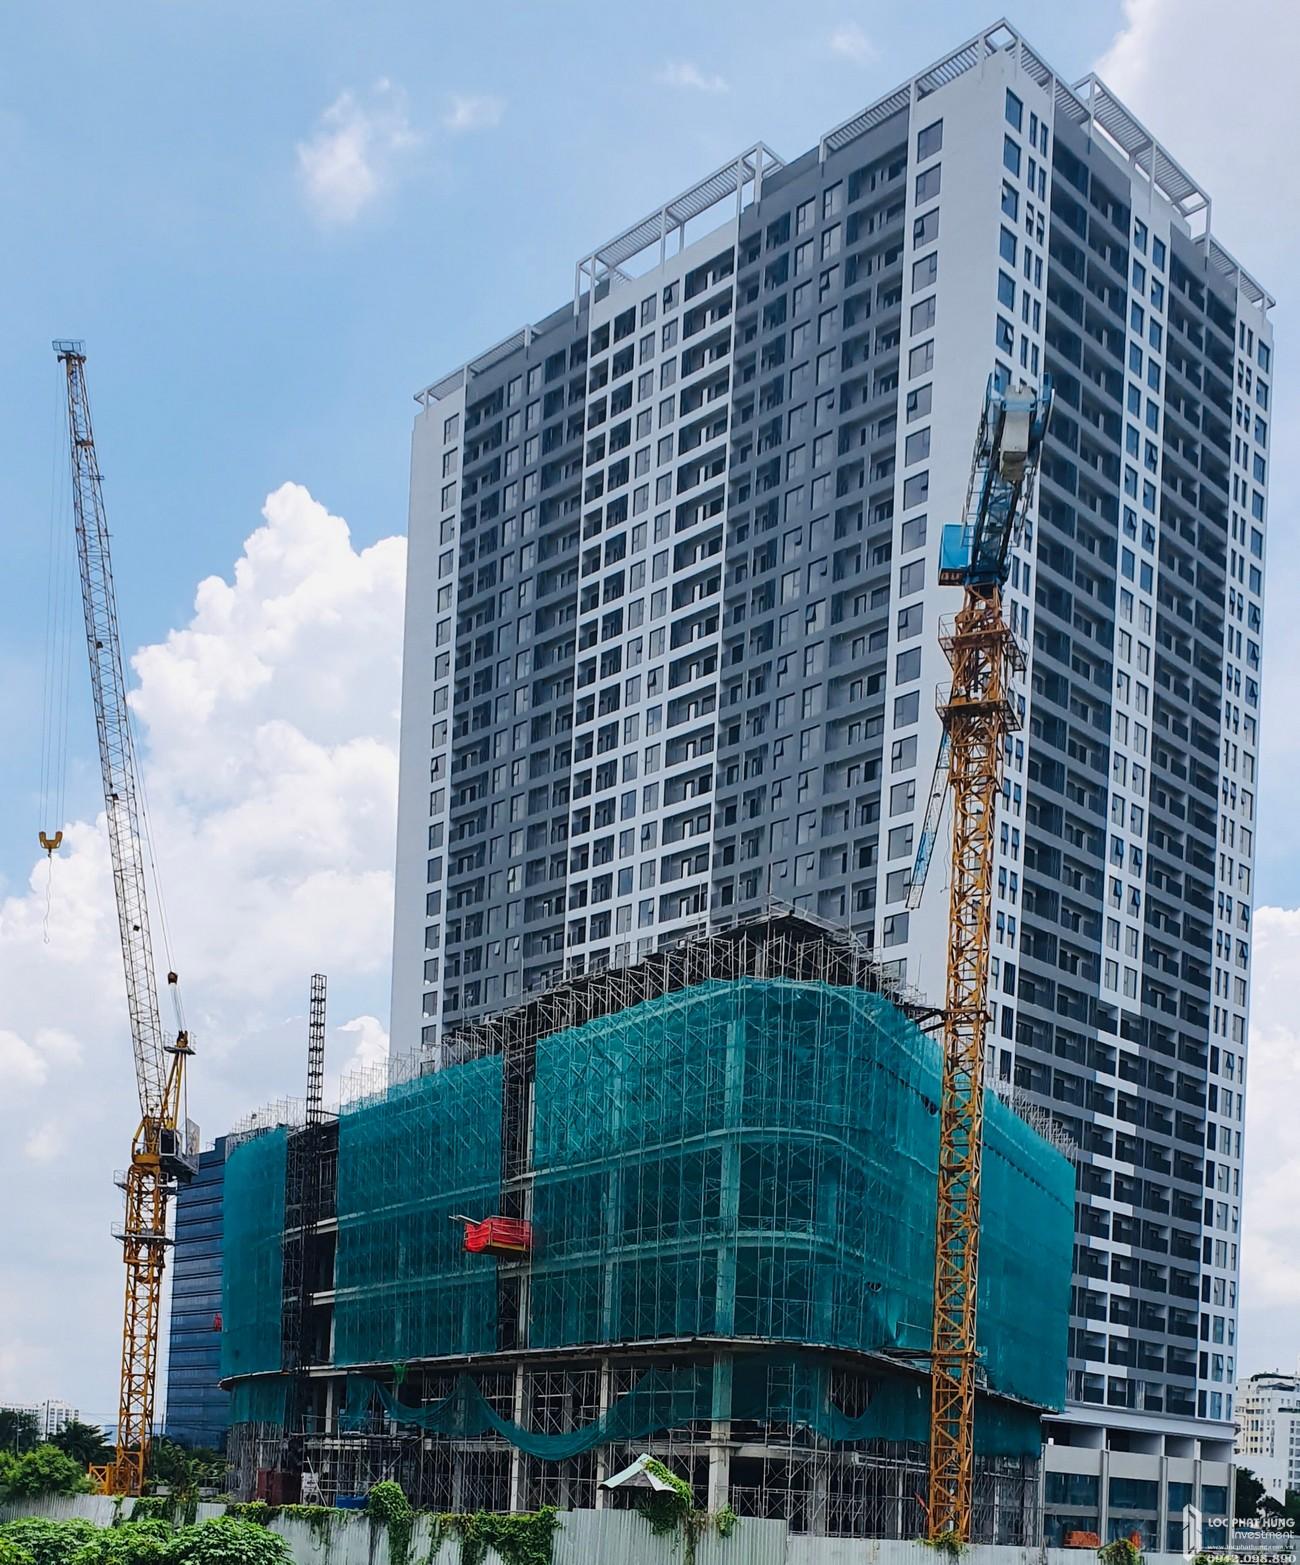 Tiến độ dự án căn hộ chung cư Lavida Plus Quận 7 Đường Nguyễn Văn Linh chủ đầu tư Quốc Cường Gia Lai - cập nhật tháng 08/2020